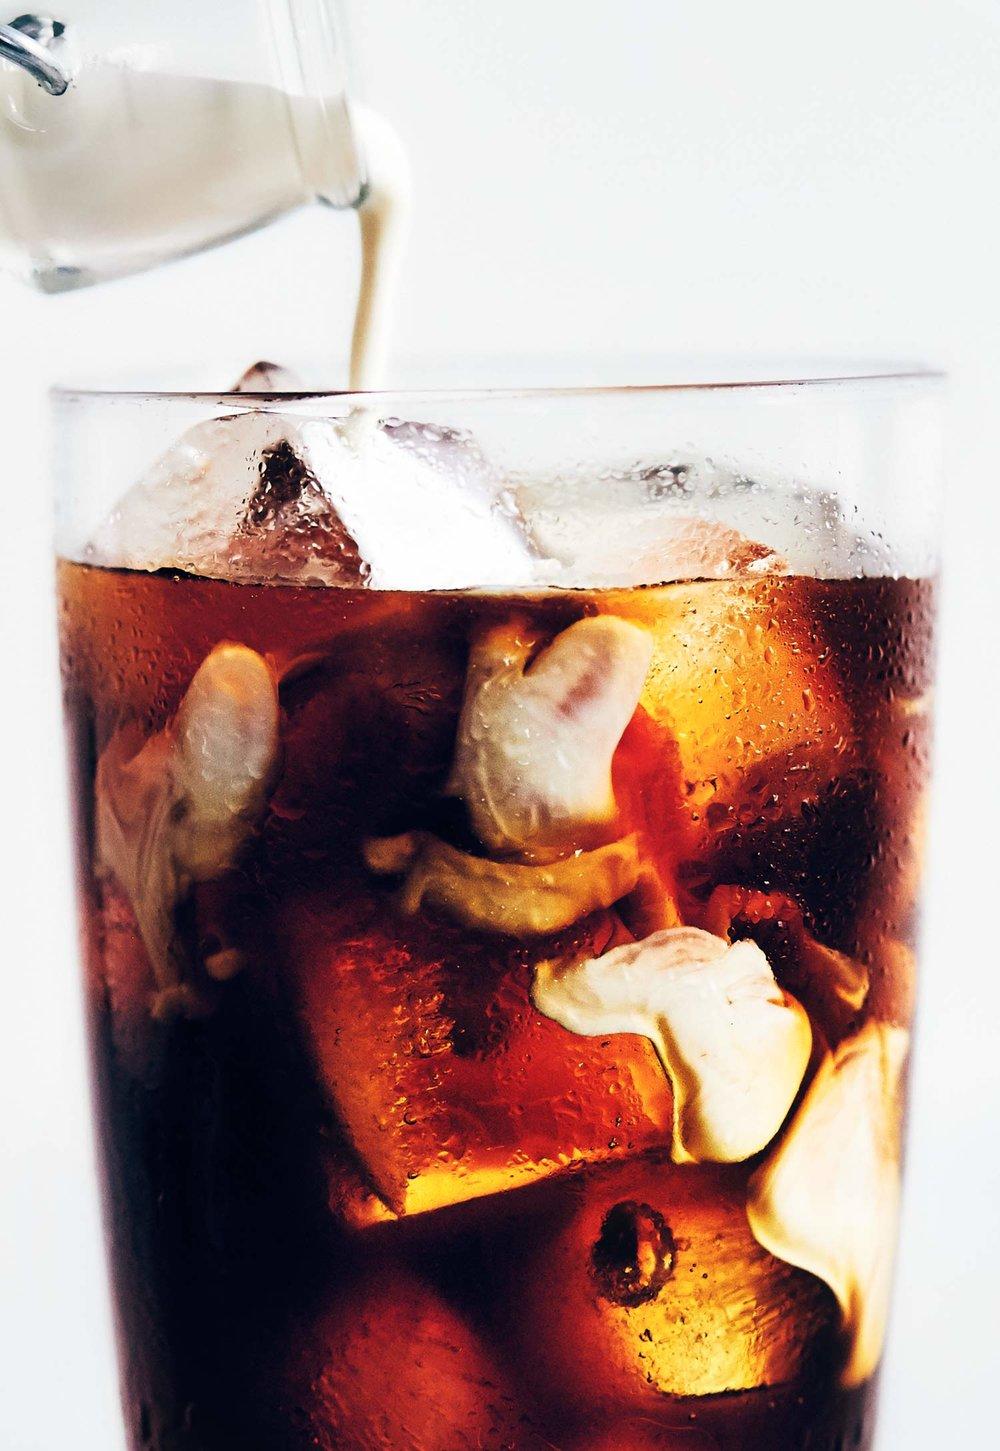 Mason Jar Cold Brew Coffee | Evergreen Kitchen | Vegan (option), Gluten Free